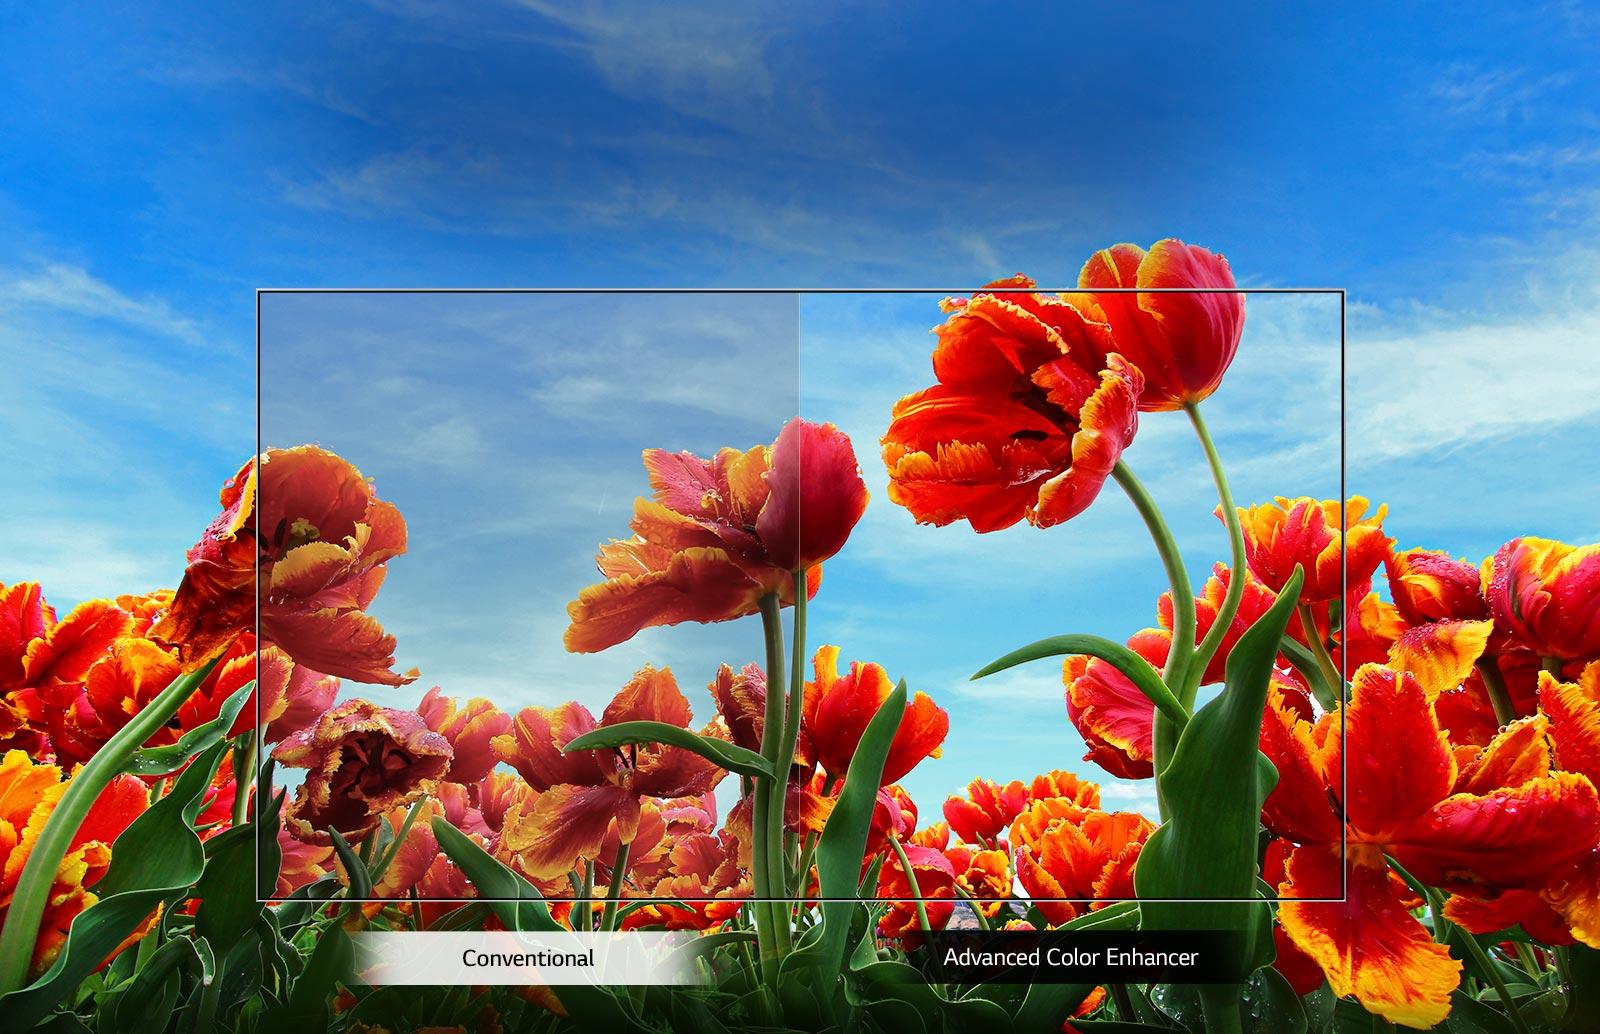 LG Dynamic Color Enhancer Smart TV